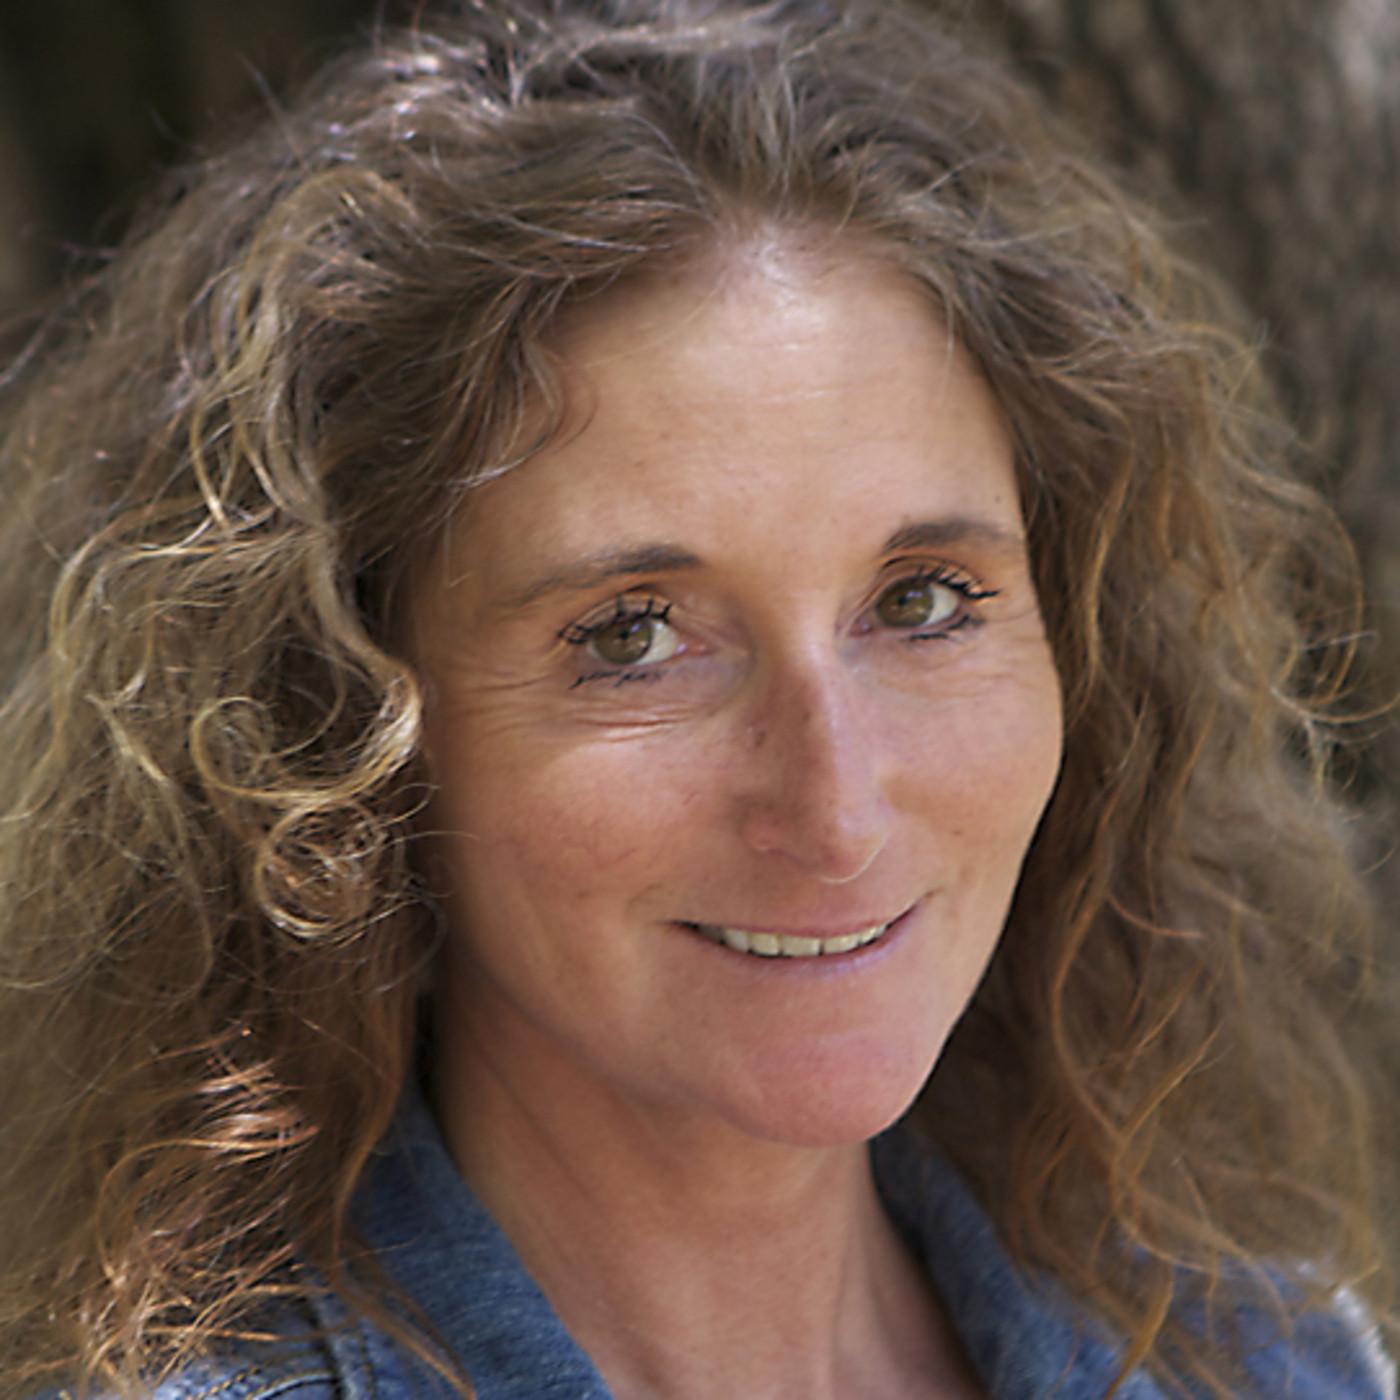 #49 Emmanuelle - fondatrice et directrice de RACINES SUD